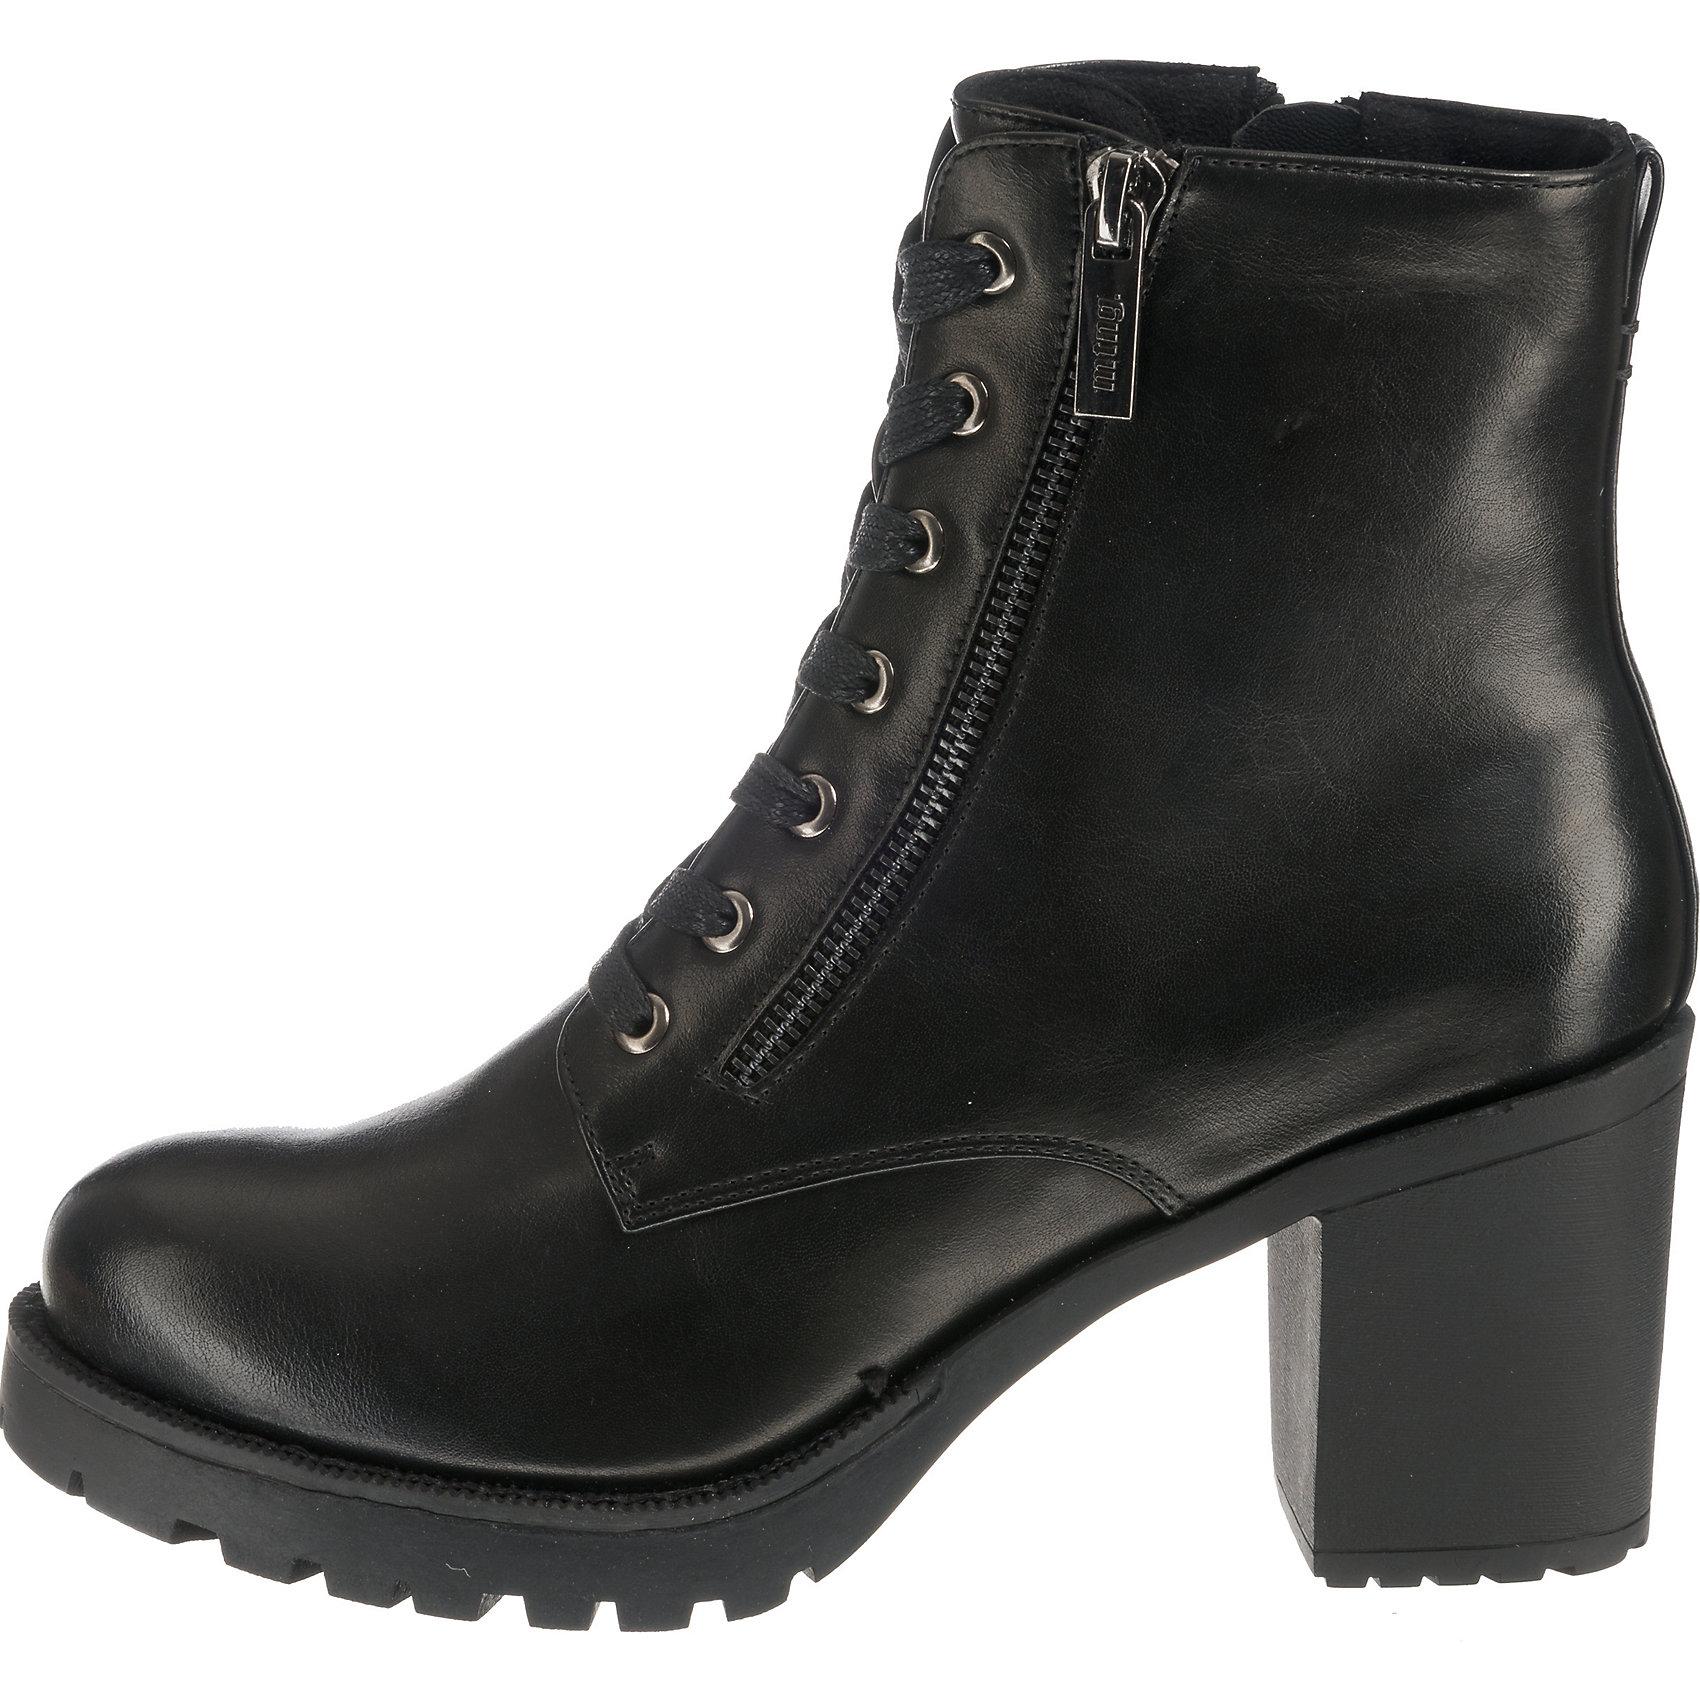 Neu MTNG Tina Schnürstiefeletten 8687455 für Damen bordeaux schwarz